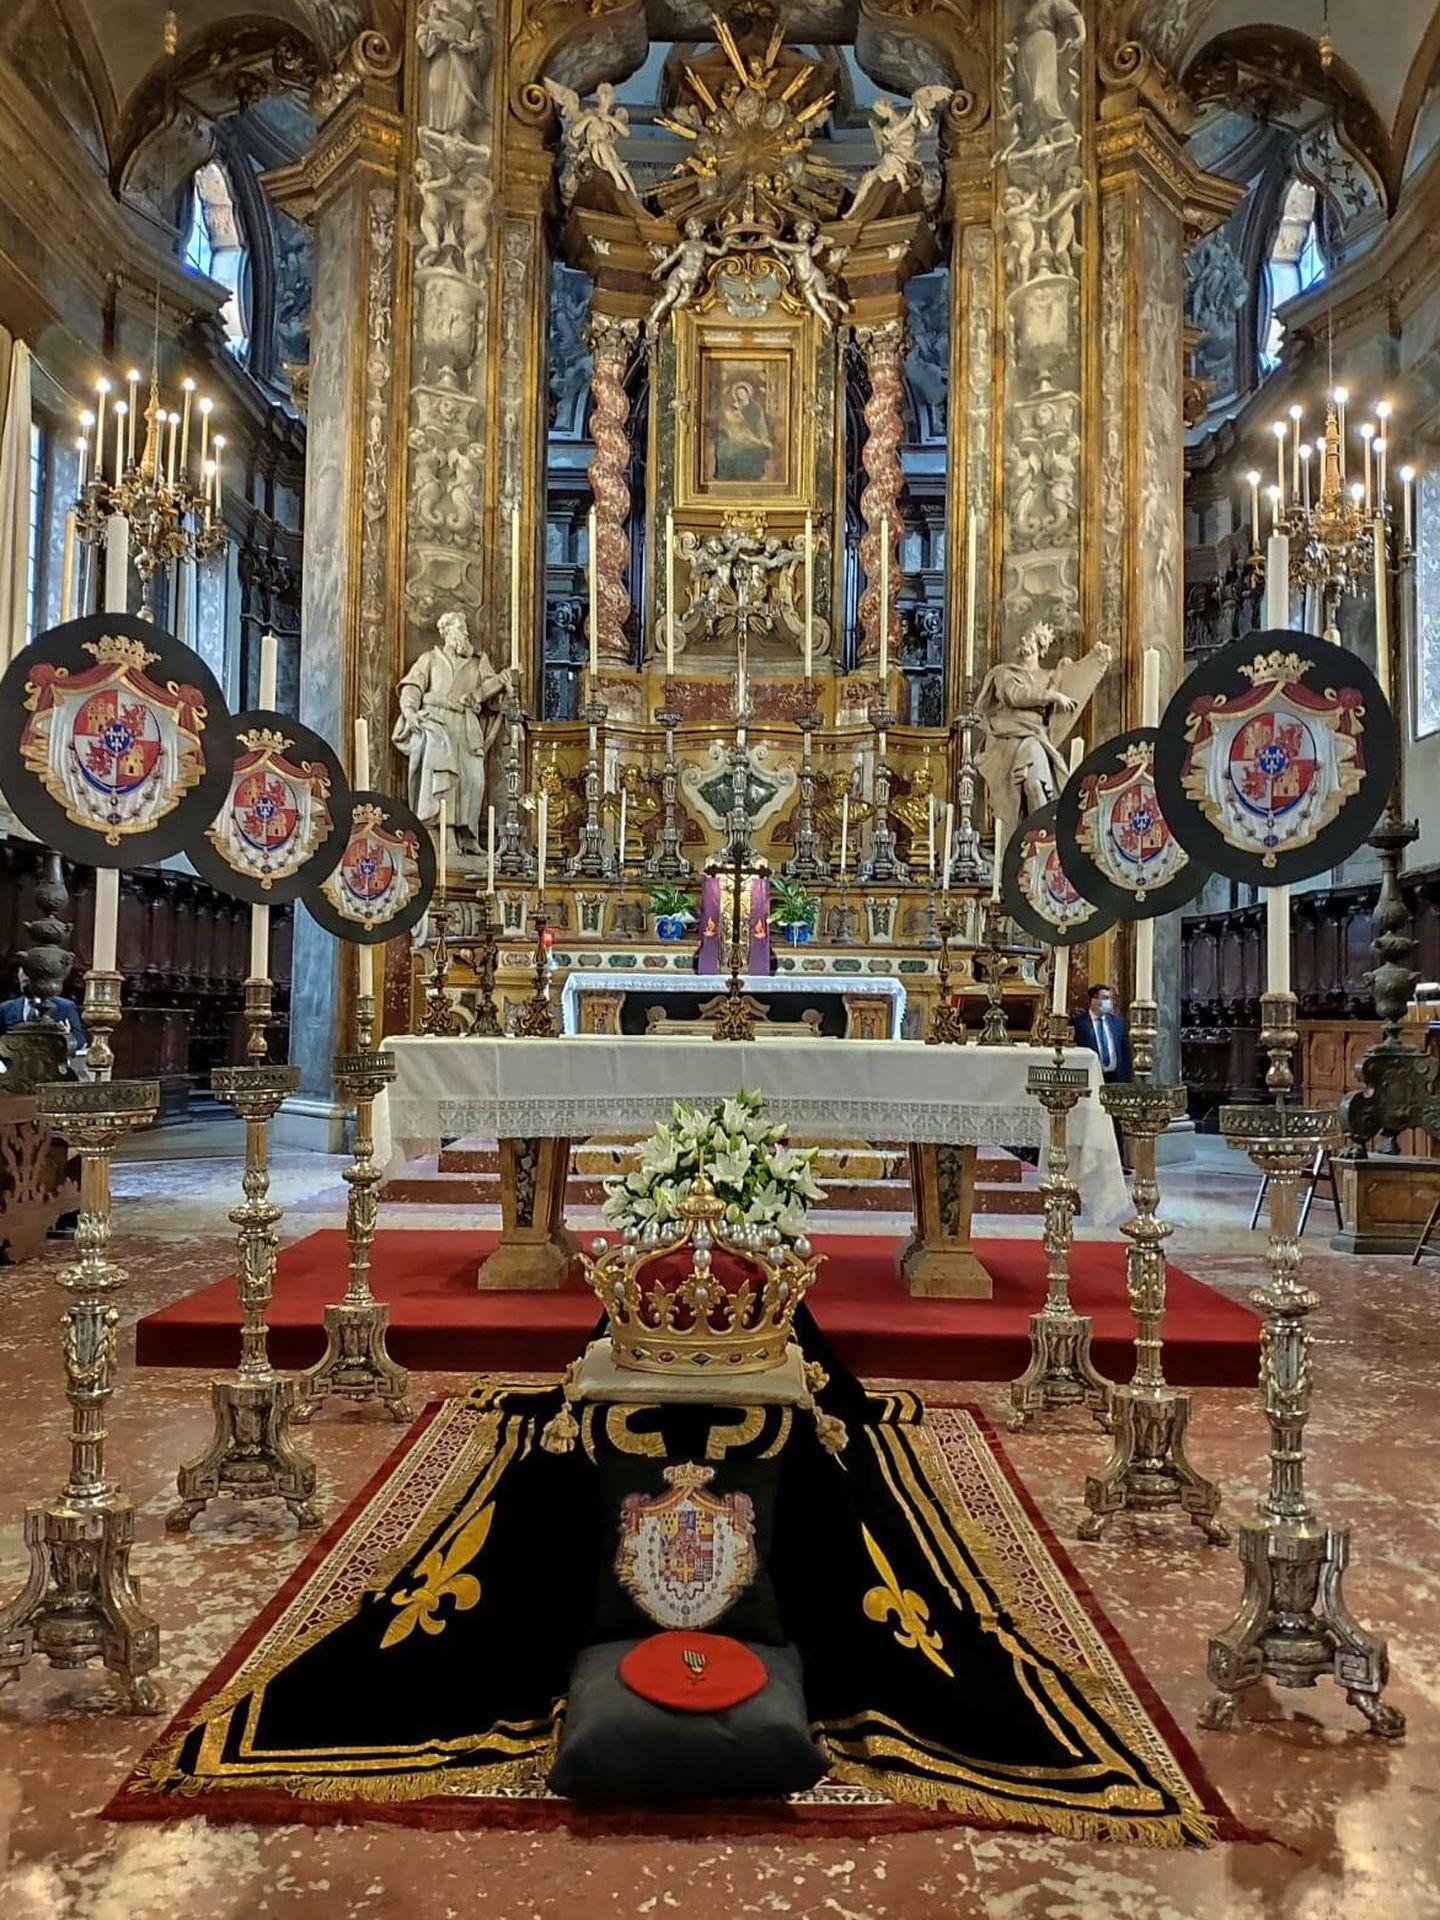 Último adiós a María Teresa de Borbón Parma ante el altar de la basílica. (Foto cortesía)